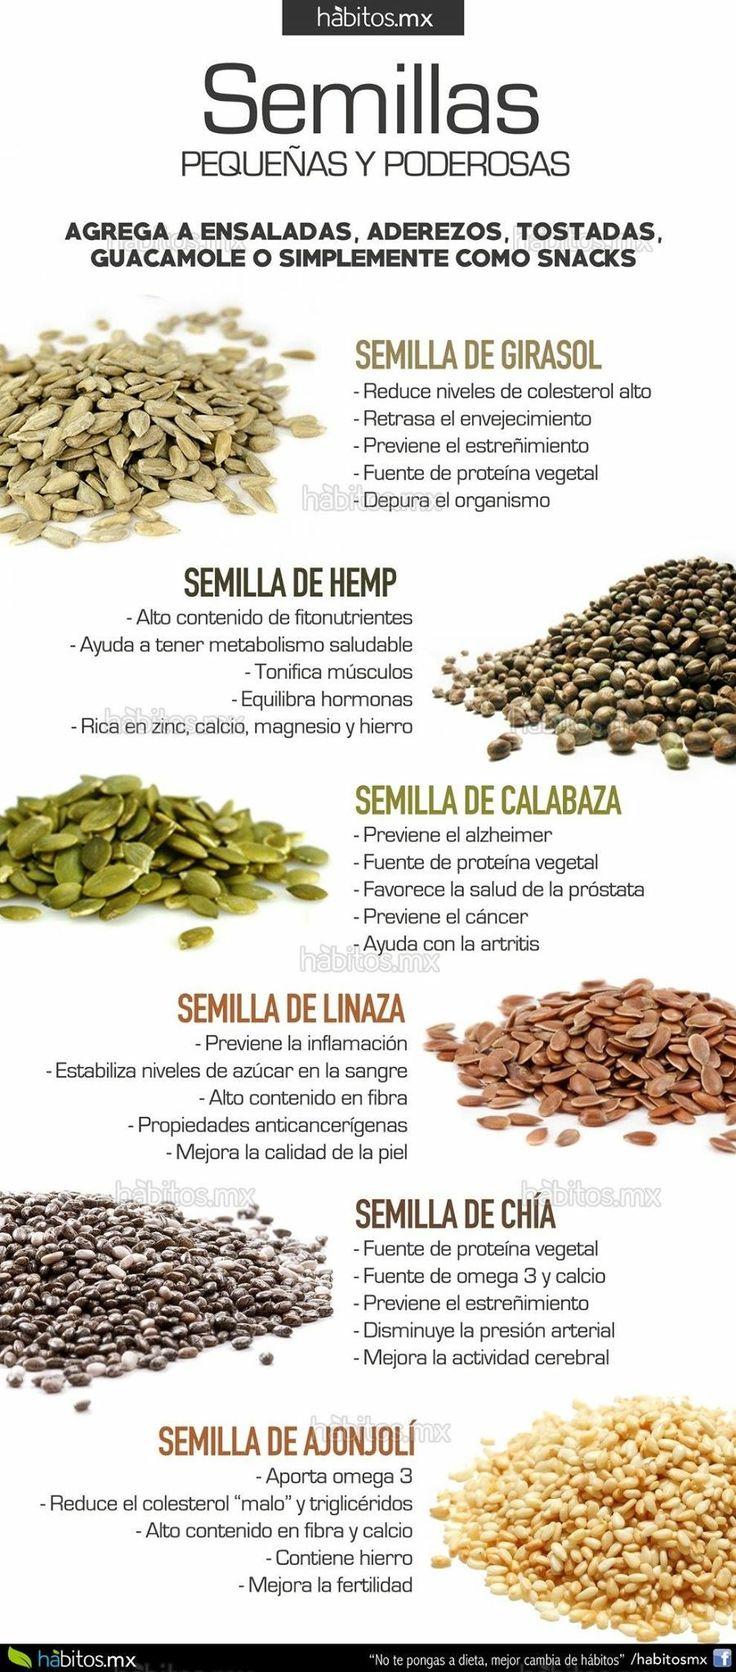 Beneficios de semillas de linaza, de girasol, de chia y más.... de hábitos.mx